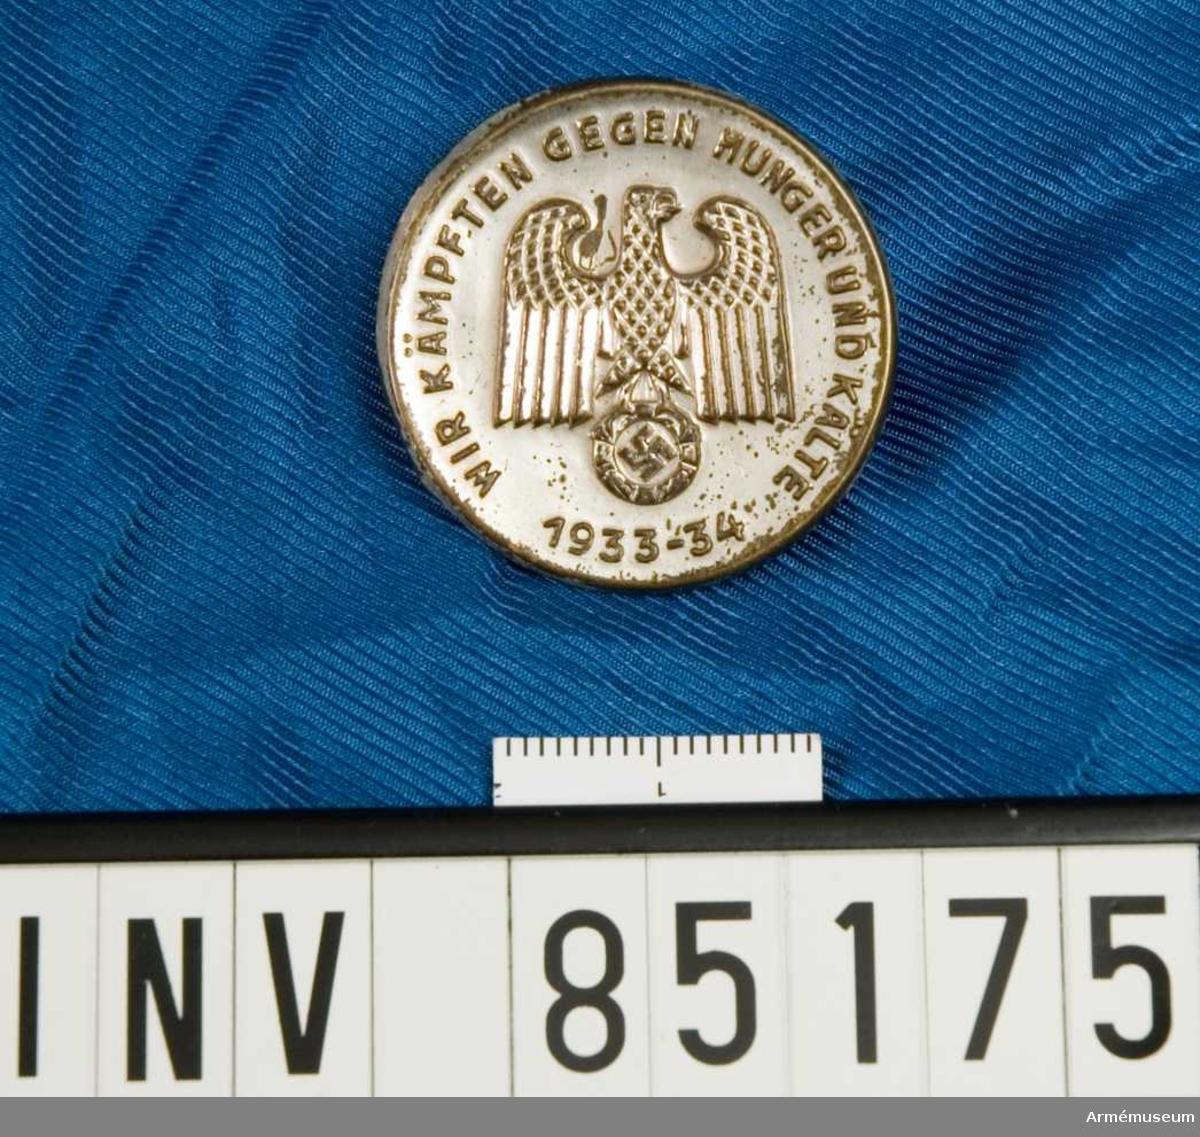 Medalj för hjälparbetare under 1933-34 års tyska hungersnöd.